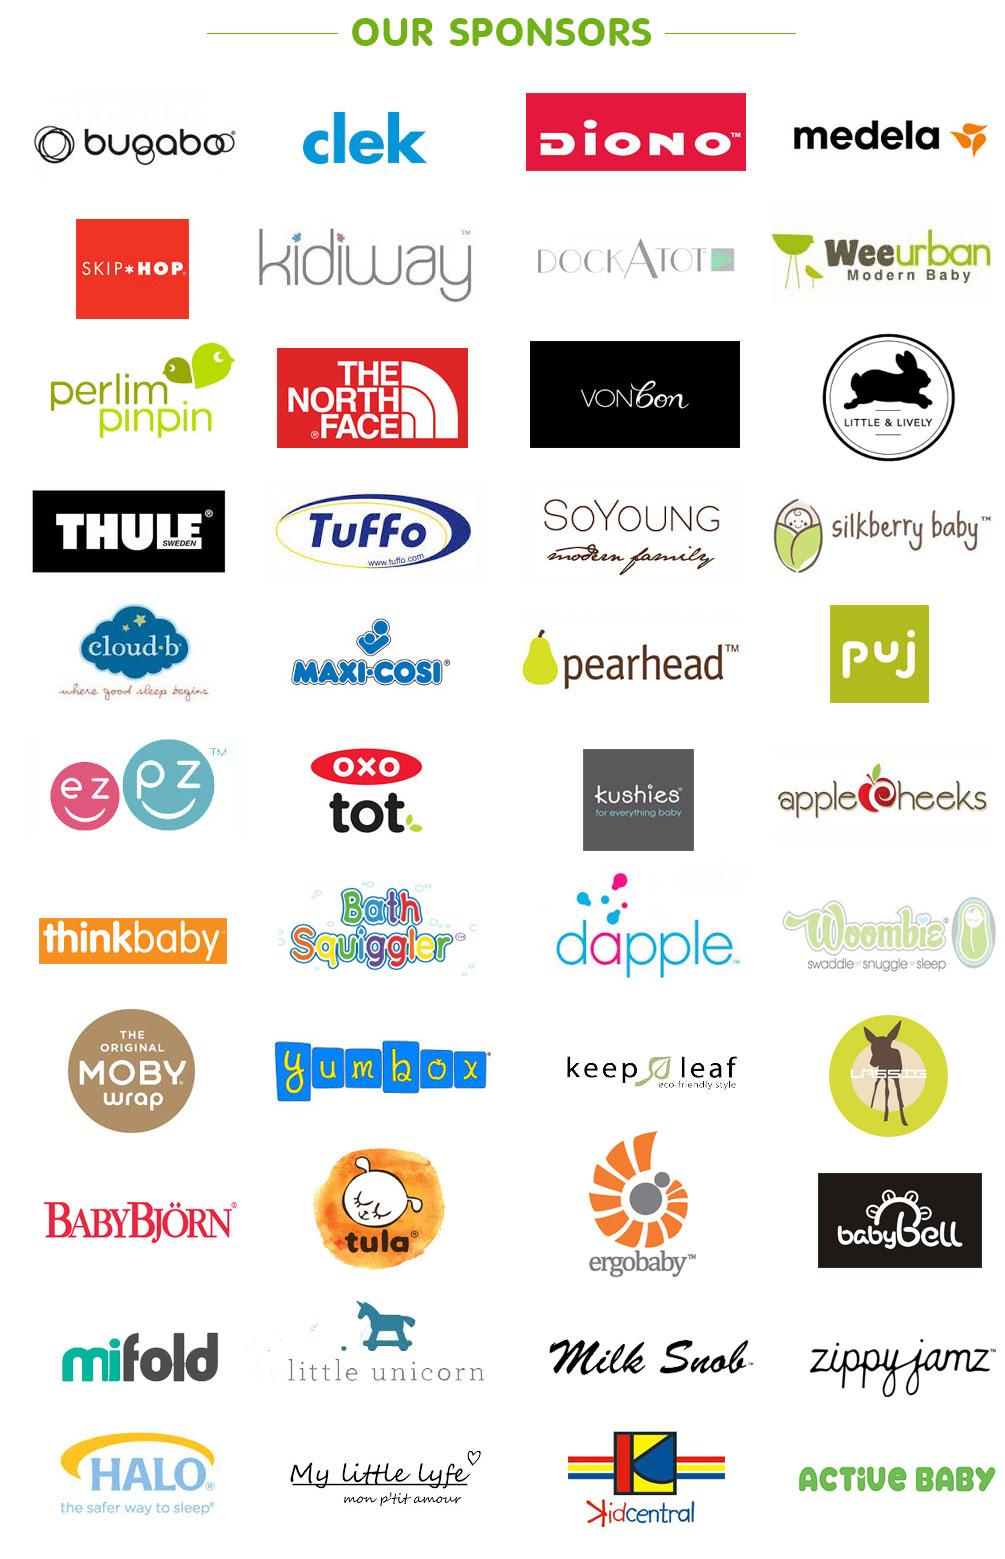 sponsors-revised-may25.jpg